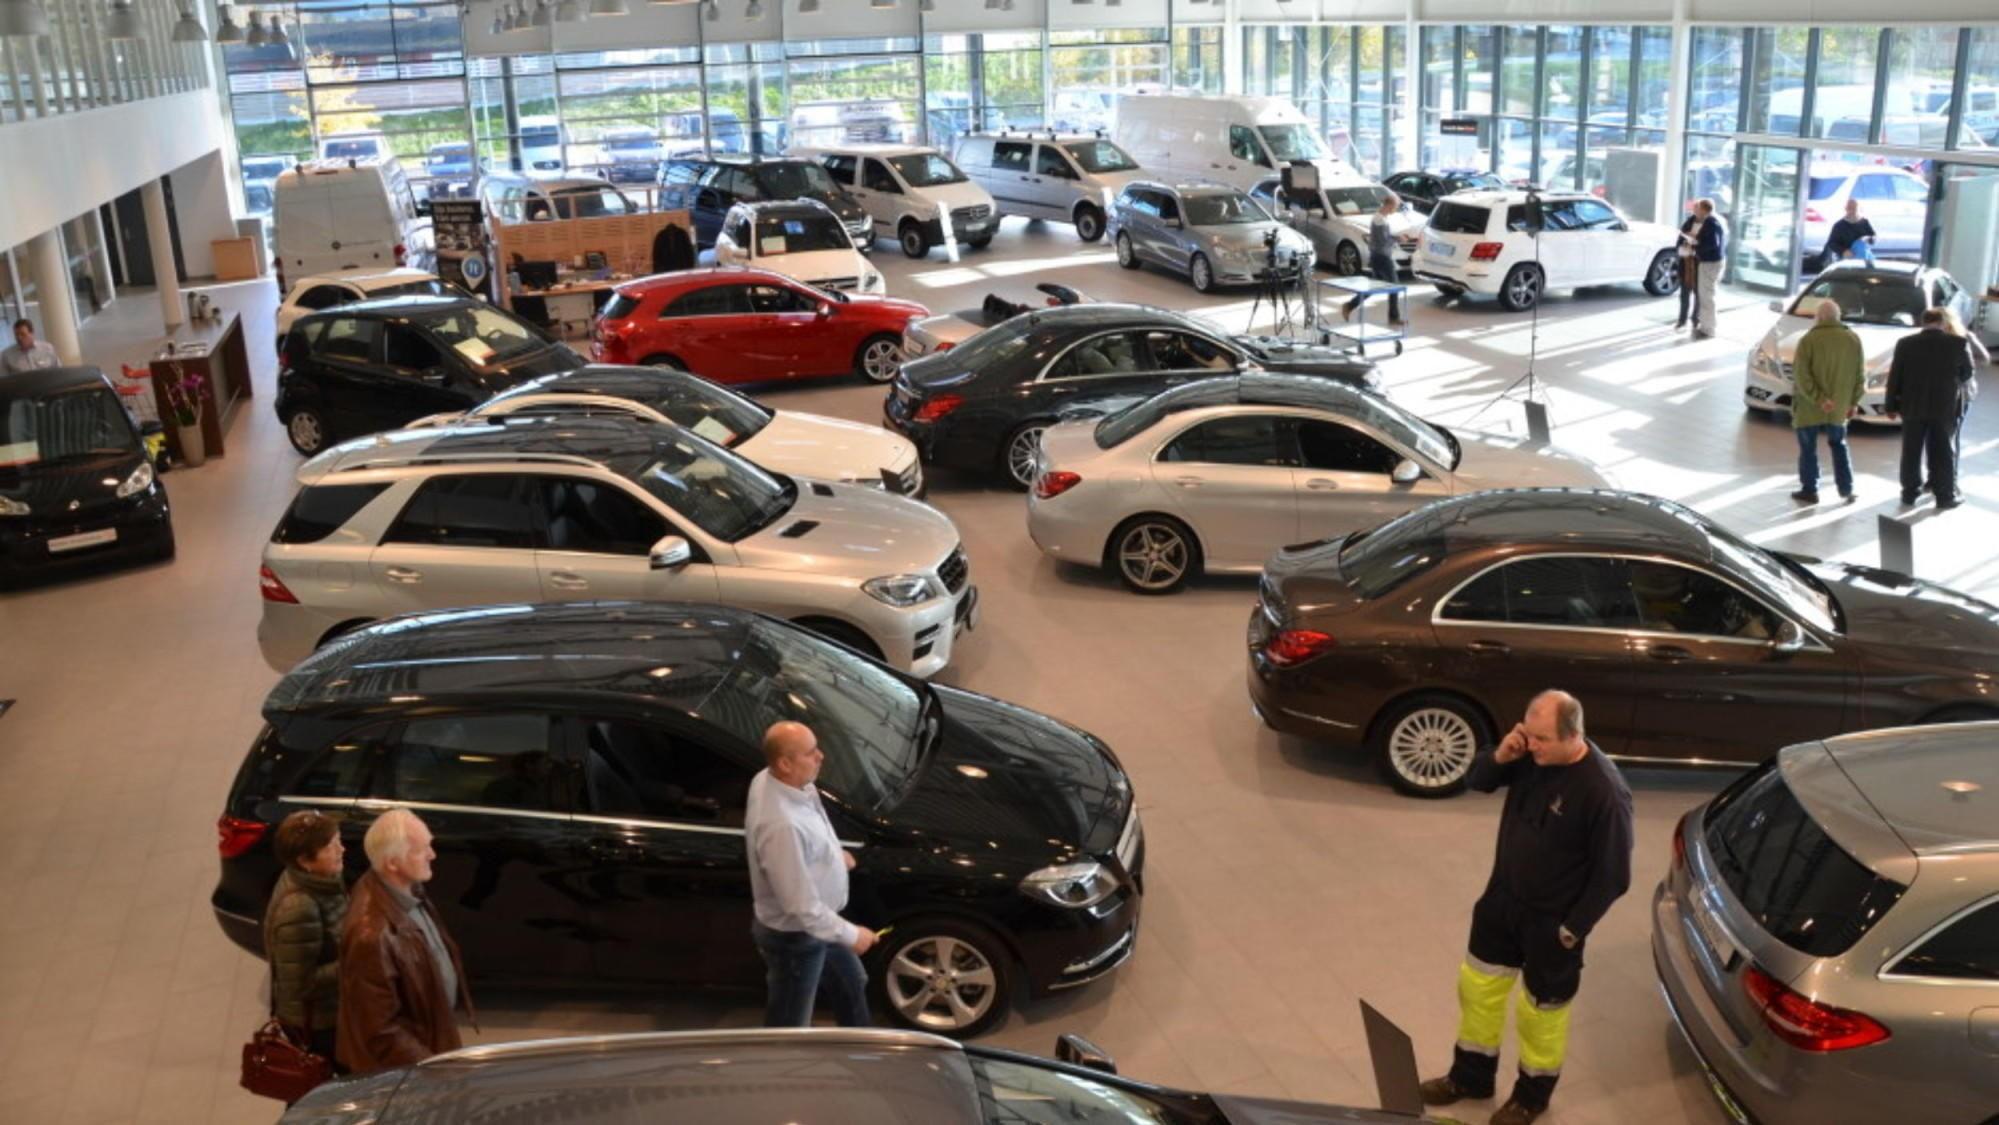 FORDELER: Bilmarkedet er i endring og preges av usikkerhet. Det kan gi deg som forbruker noen fordeler. Illustrasjonsbilde.